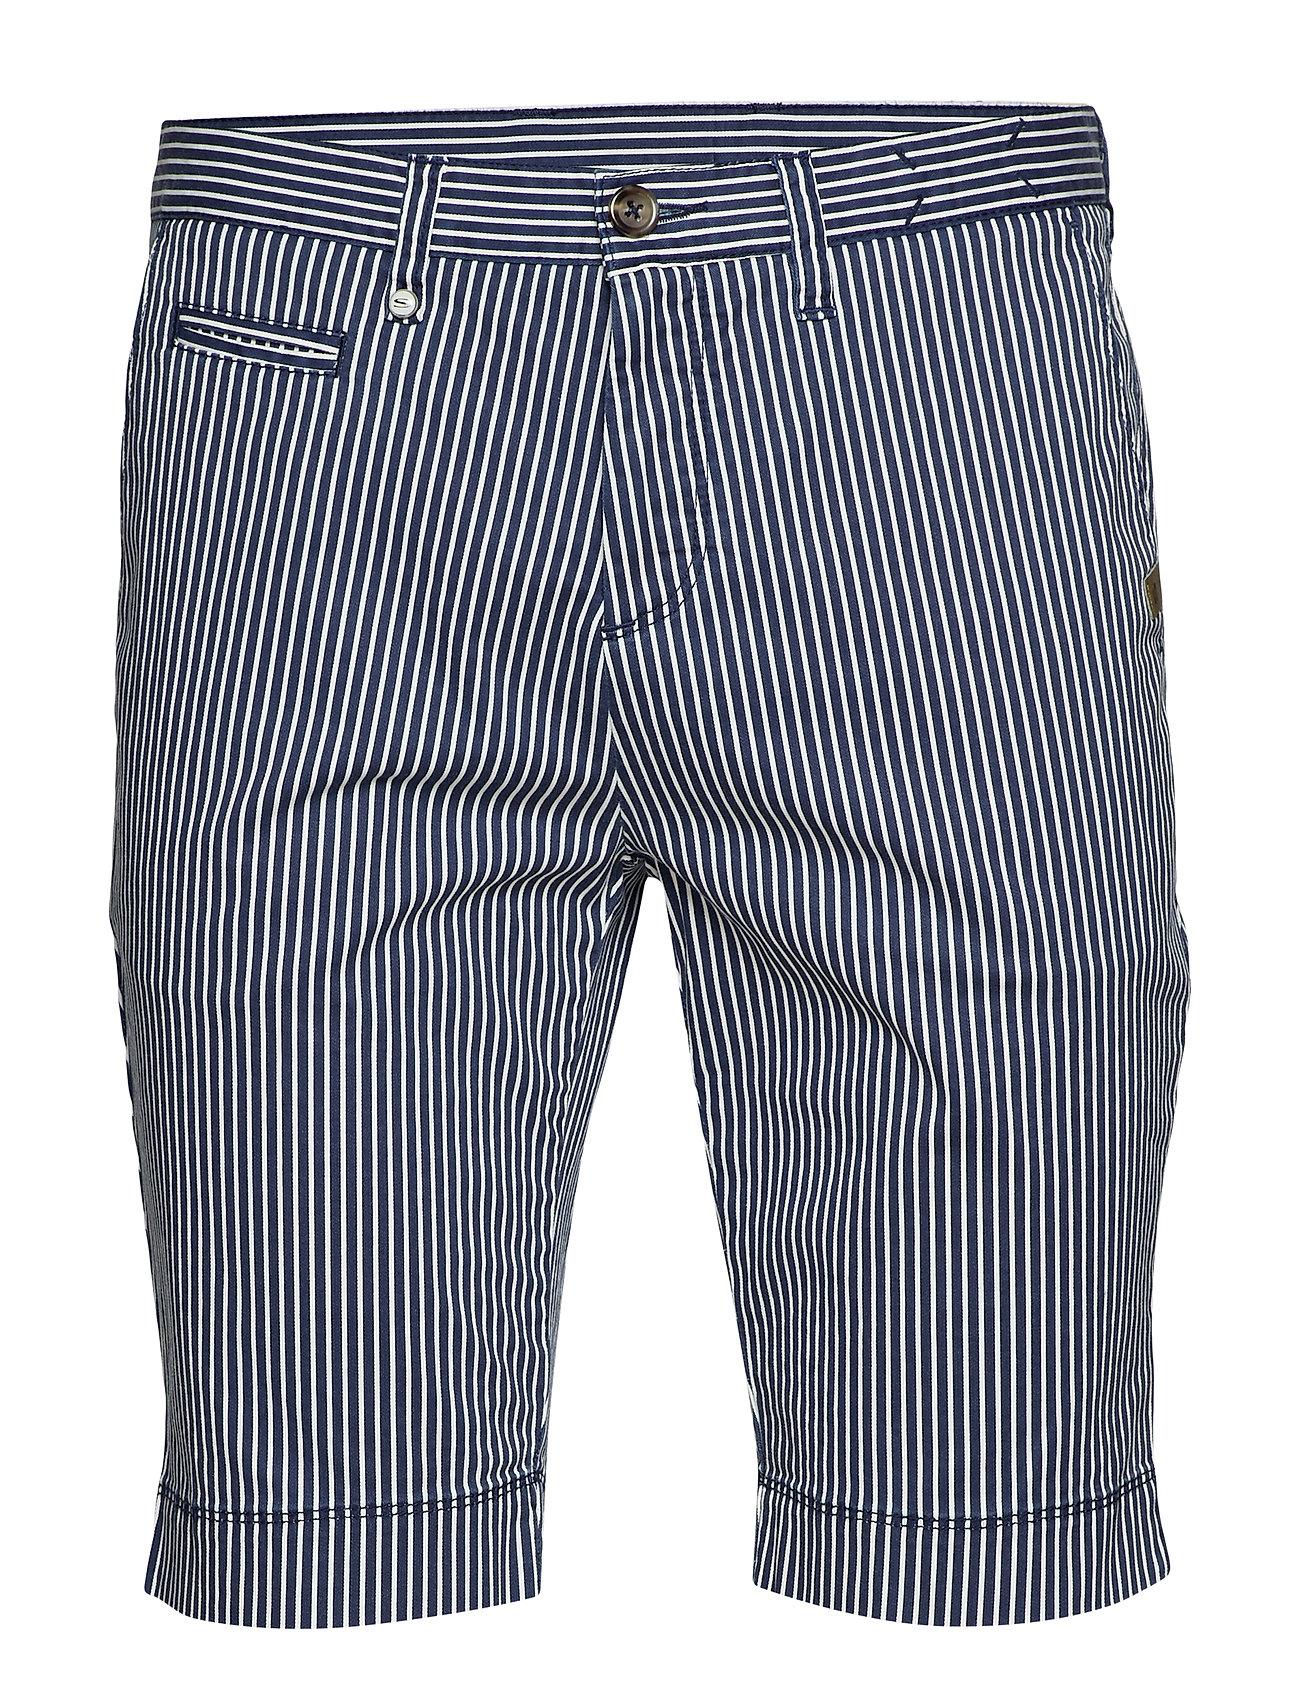 SAND 6178 C Dolan Shorts Shorts